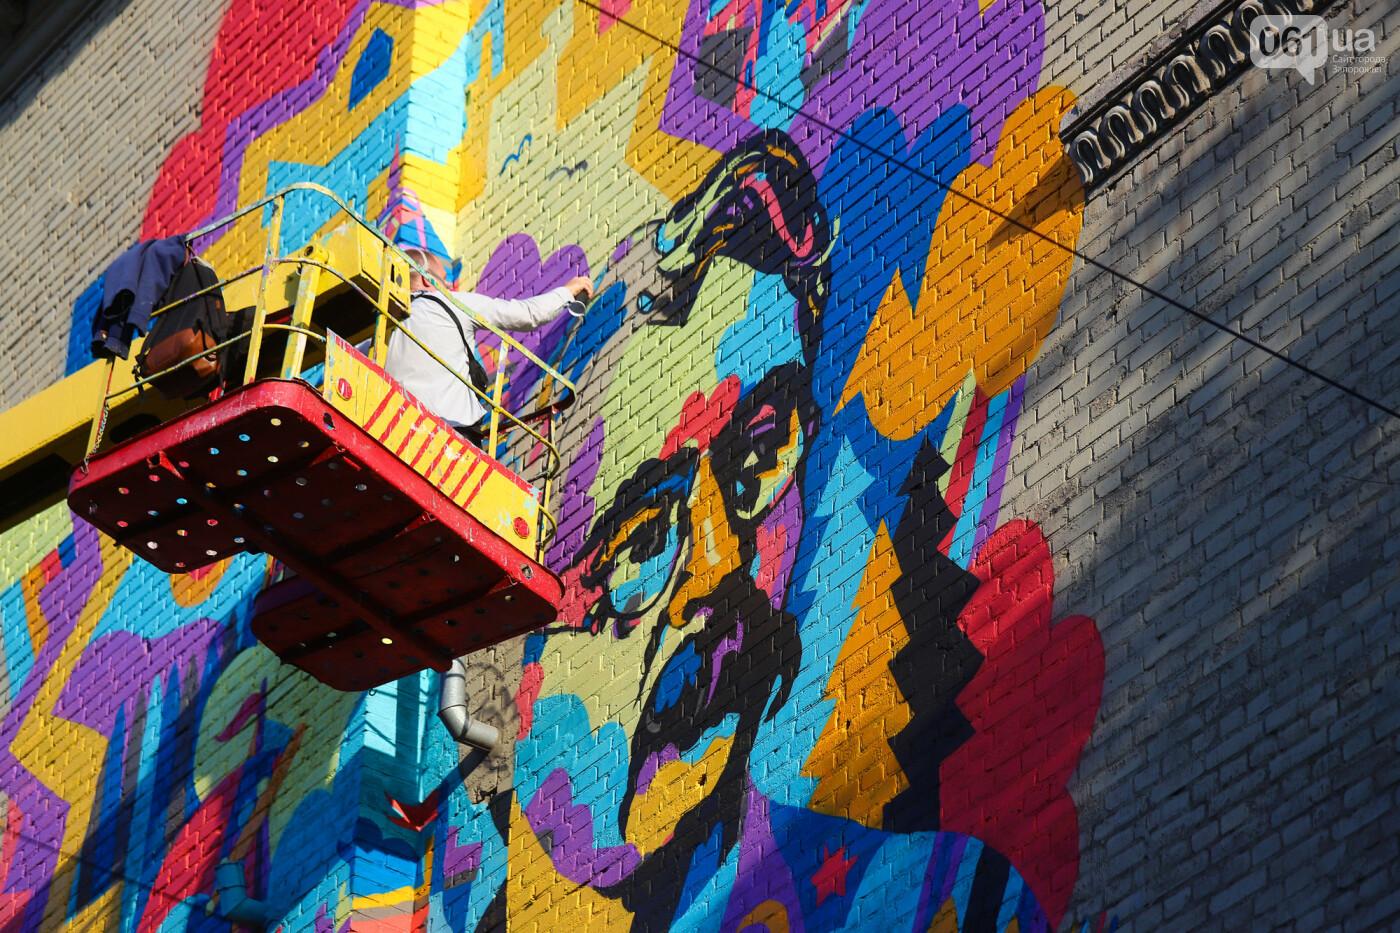 Художник из Нью-Йорка нарисовал мурал к 250-летию Запорожья - ФОТОРЕПОРТАЖ , фото-26